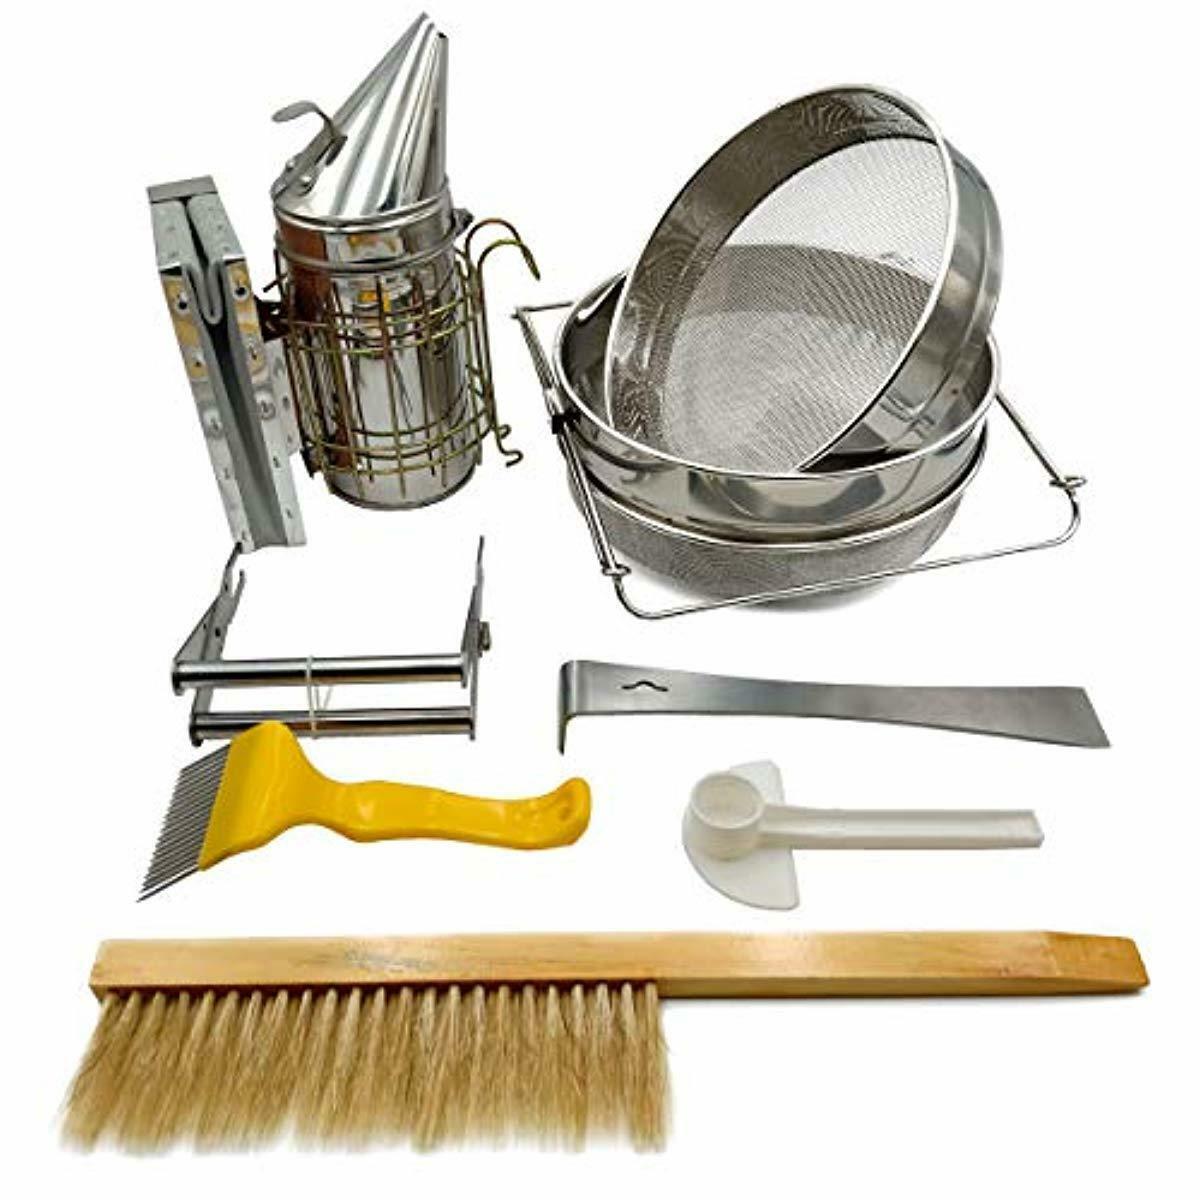 Juego 7 herramientas apicultura colador miel ahumador abejas cepillo horquilla